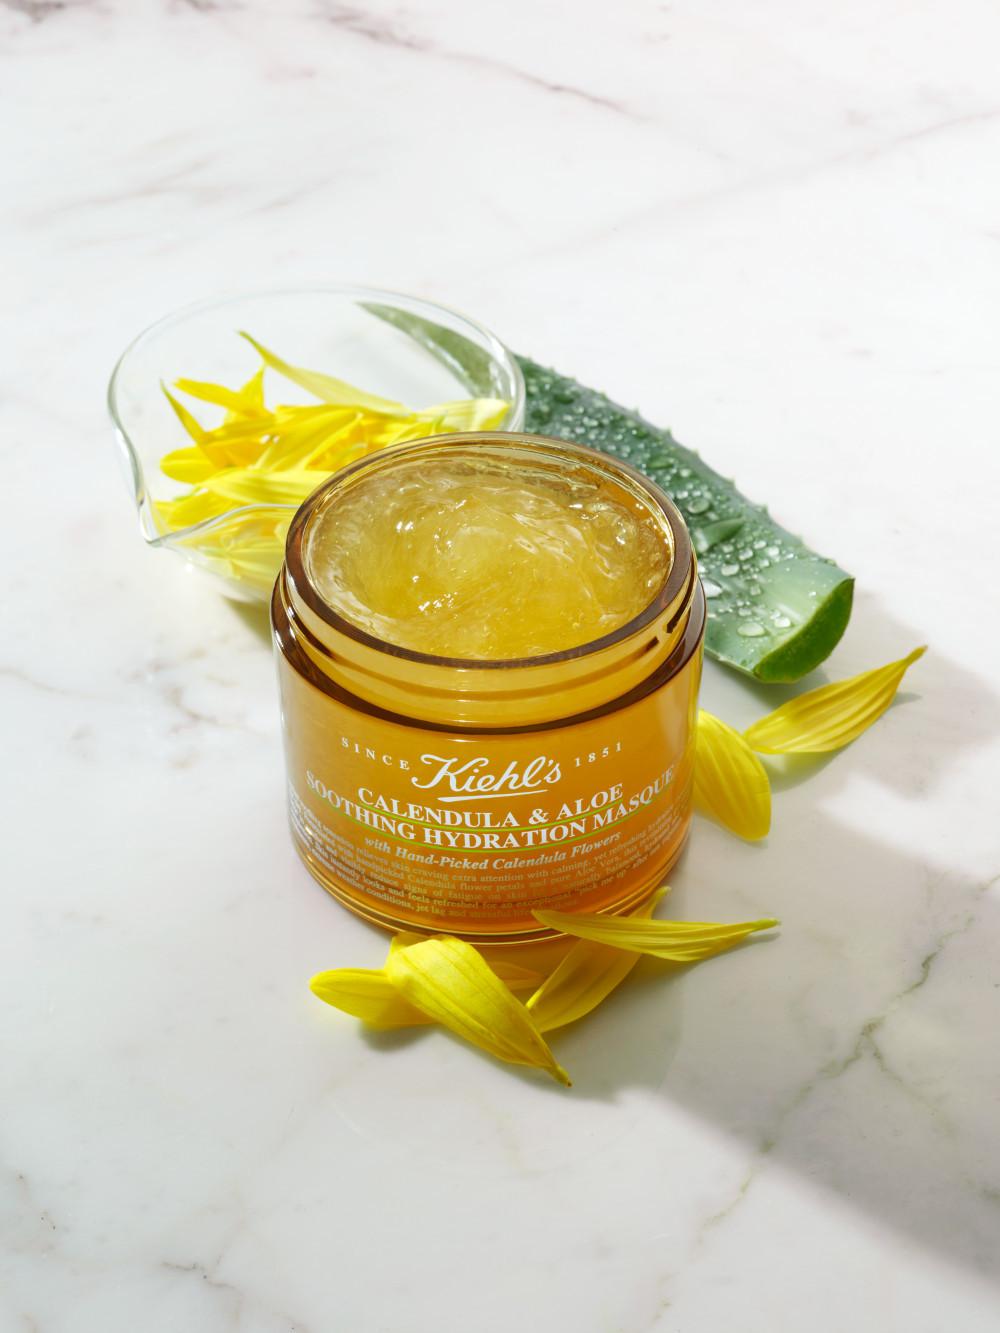 productos de belleza de verano, mascarilla_calendula_y_aloe_vera_de_kiehls